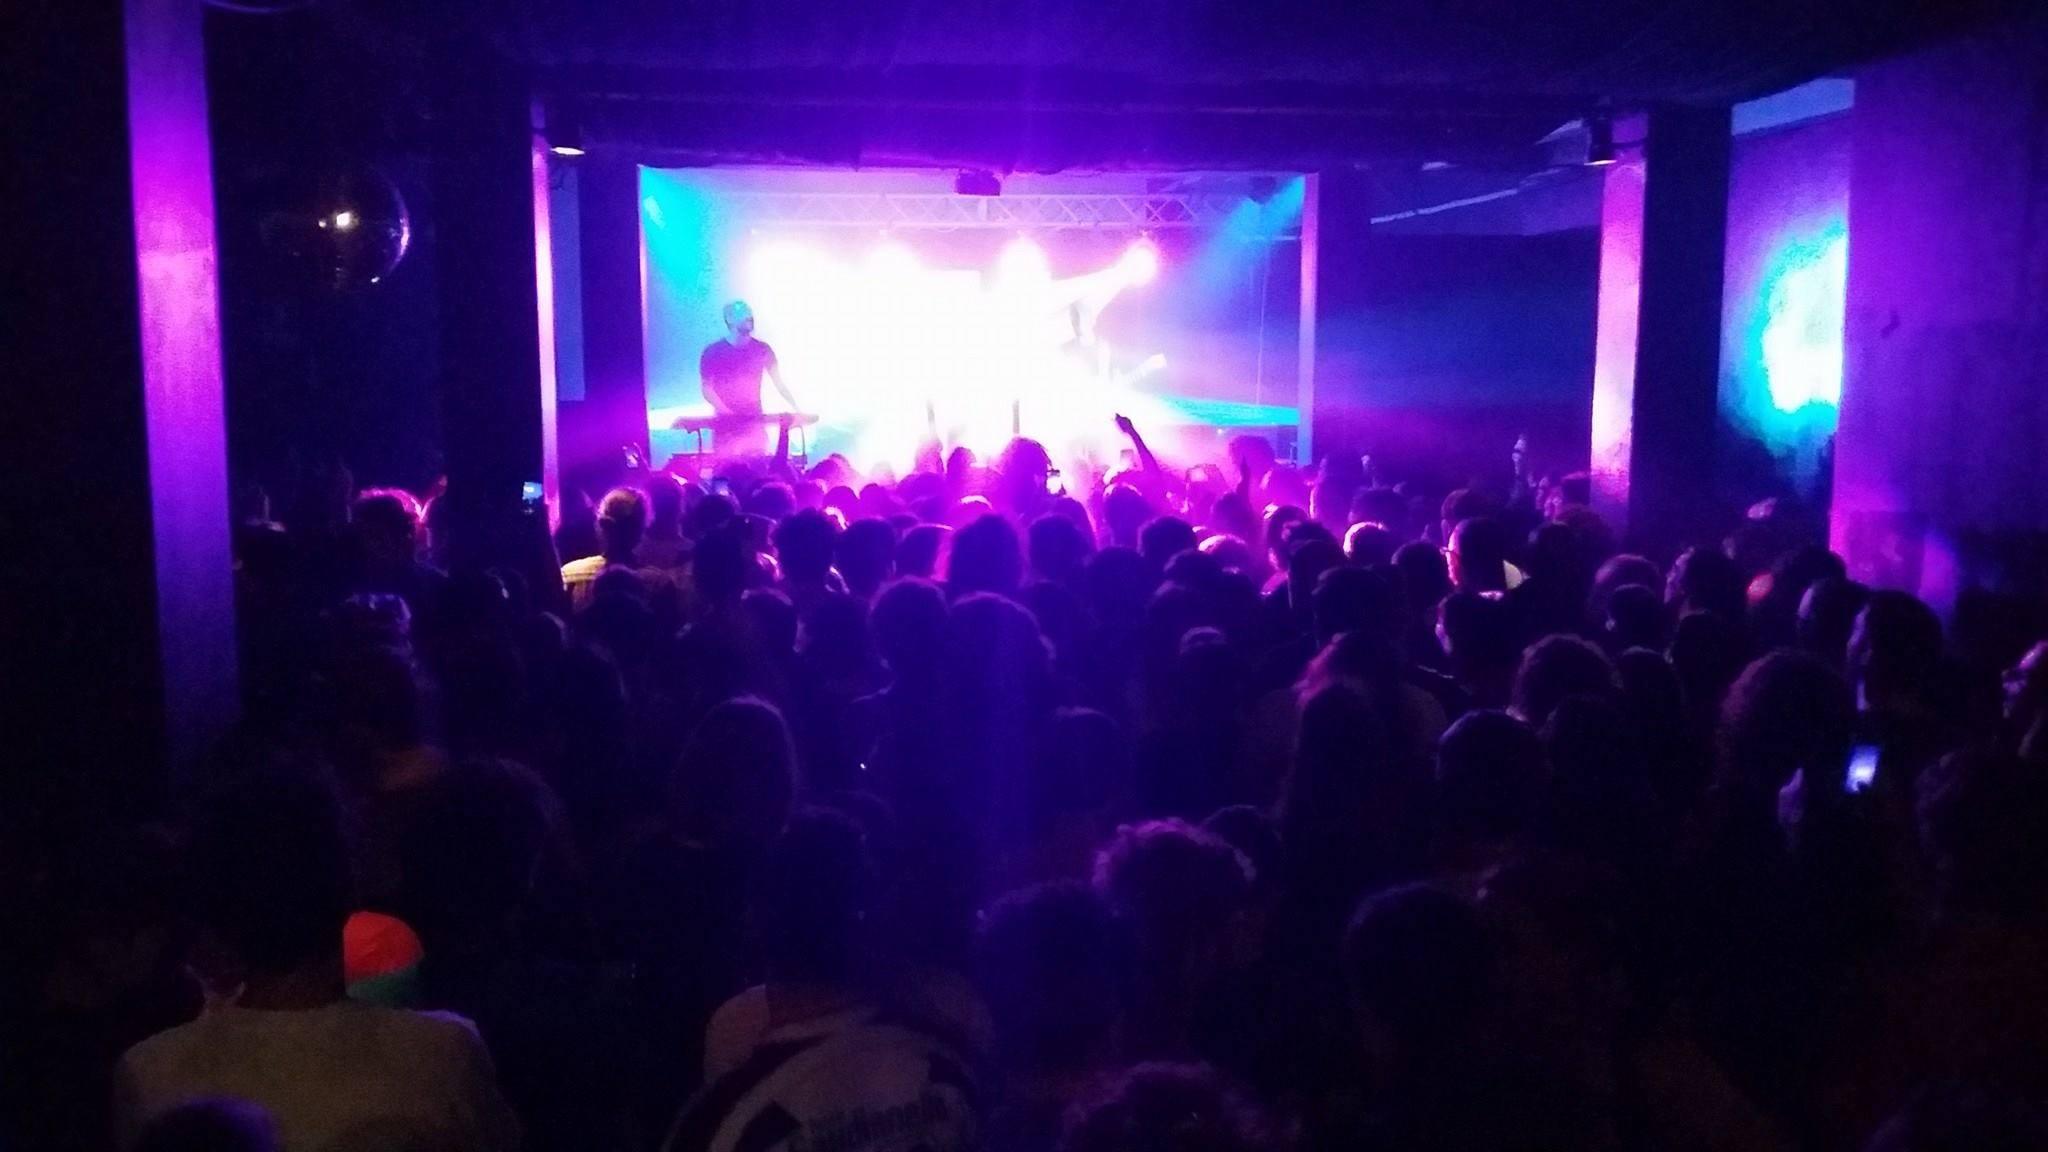 Una serata al Mame Club di Padova raccontata da chi guarda i concerti, ascolta i dj set e guarda gli altri bere dal guardaroba